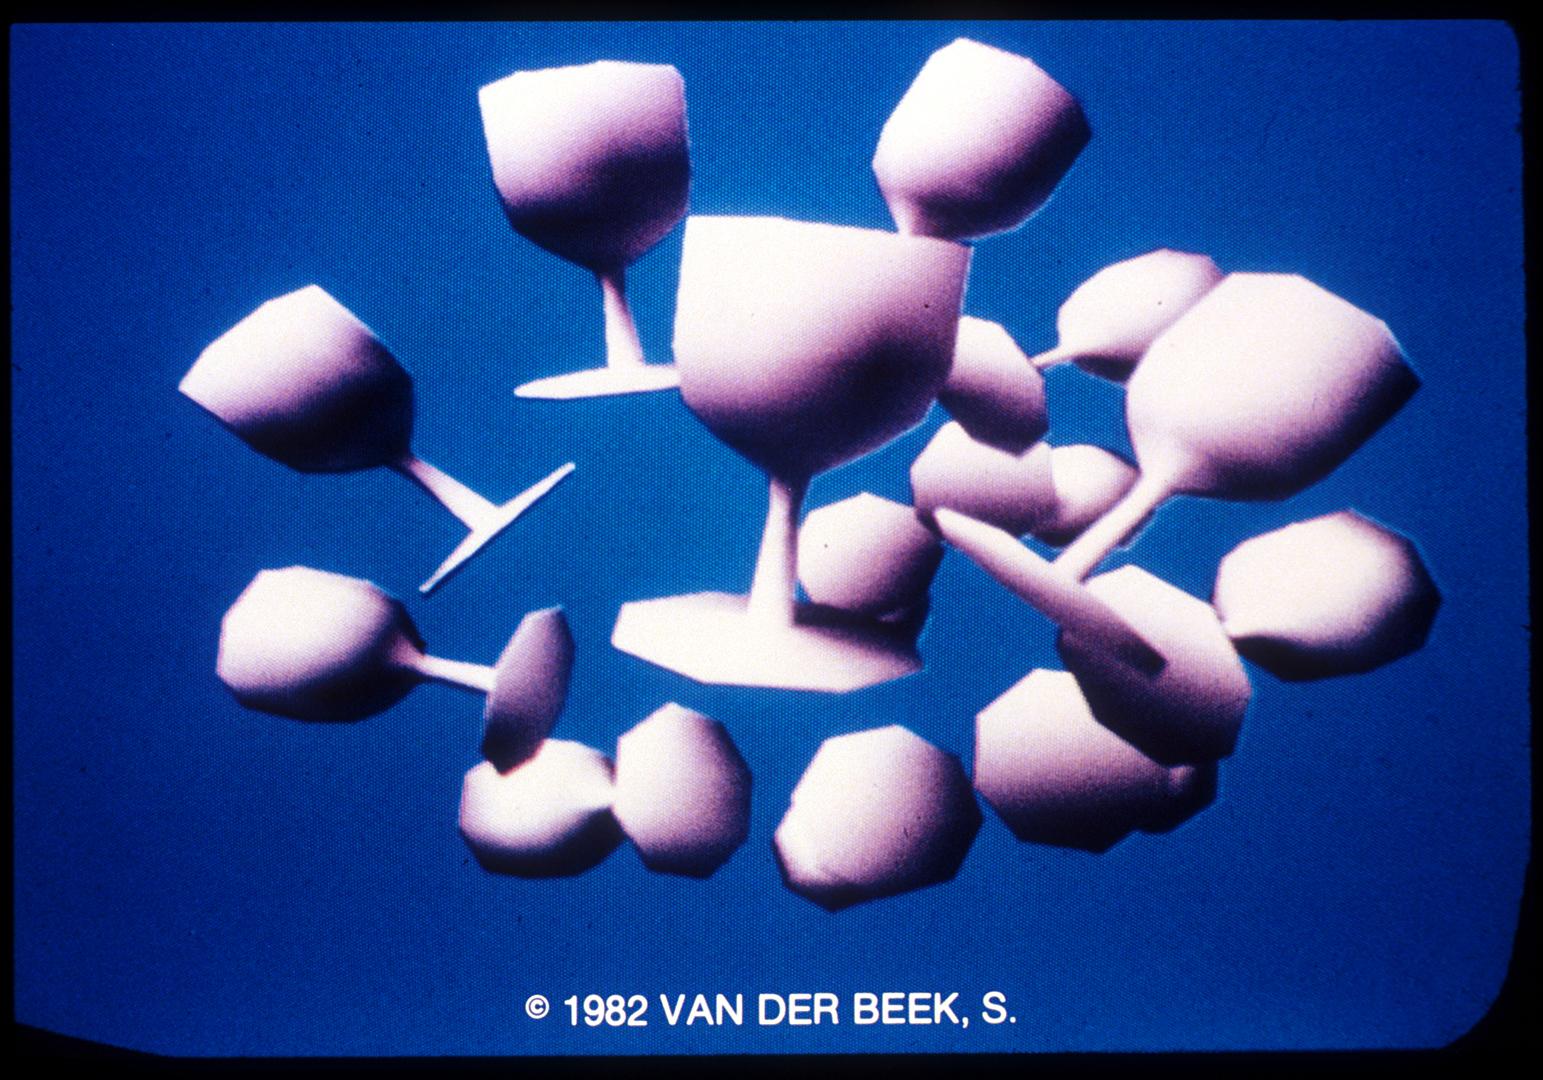 ©1982, Stan Van Der Beek